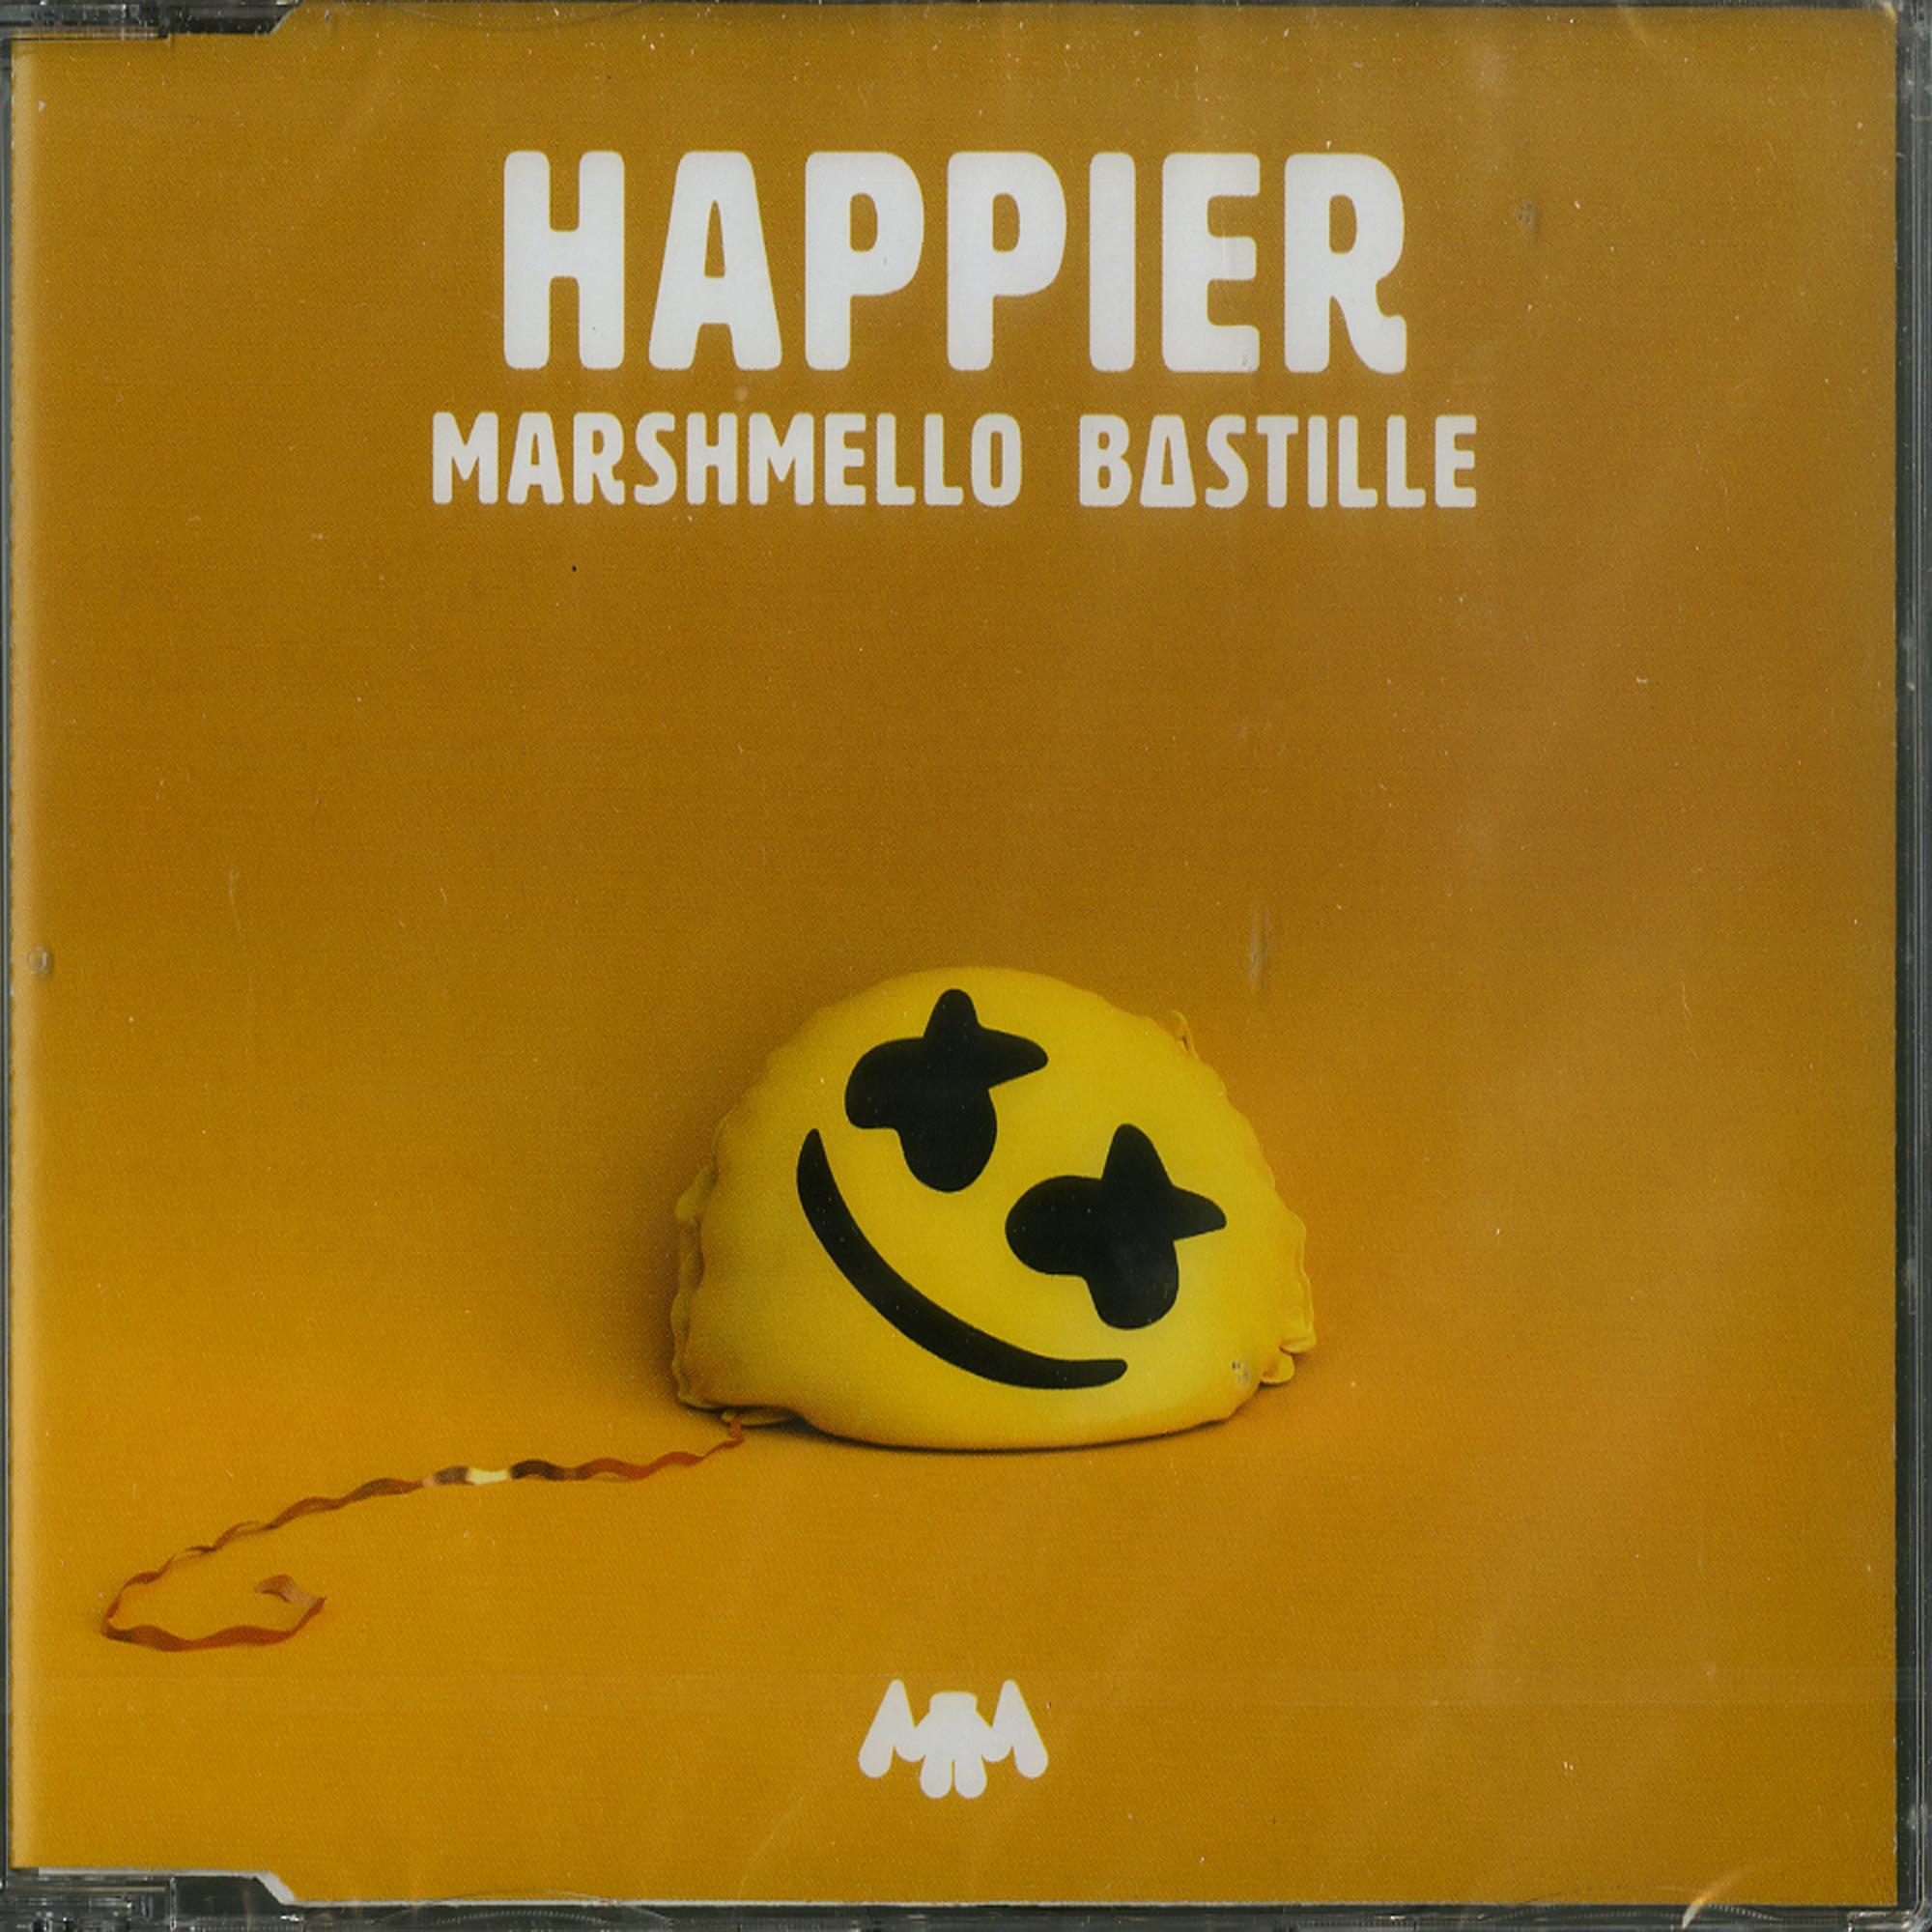 دانلود آهنگ جدید MARSHMELLO Happier